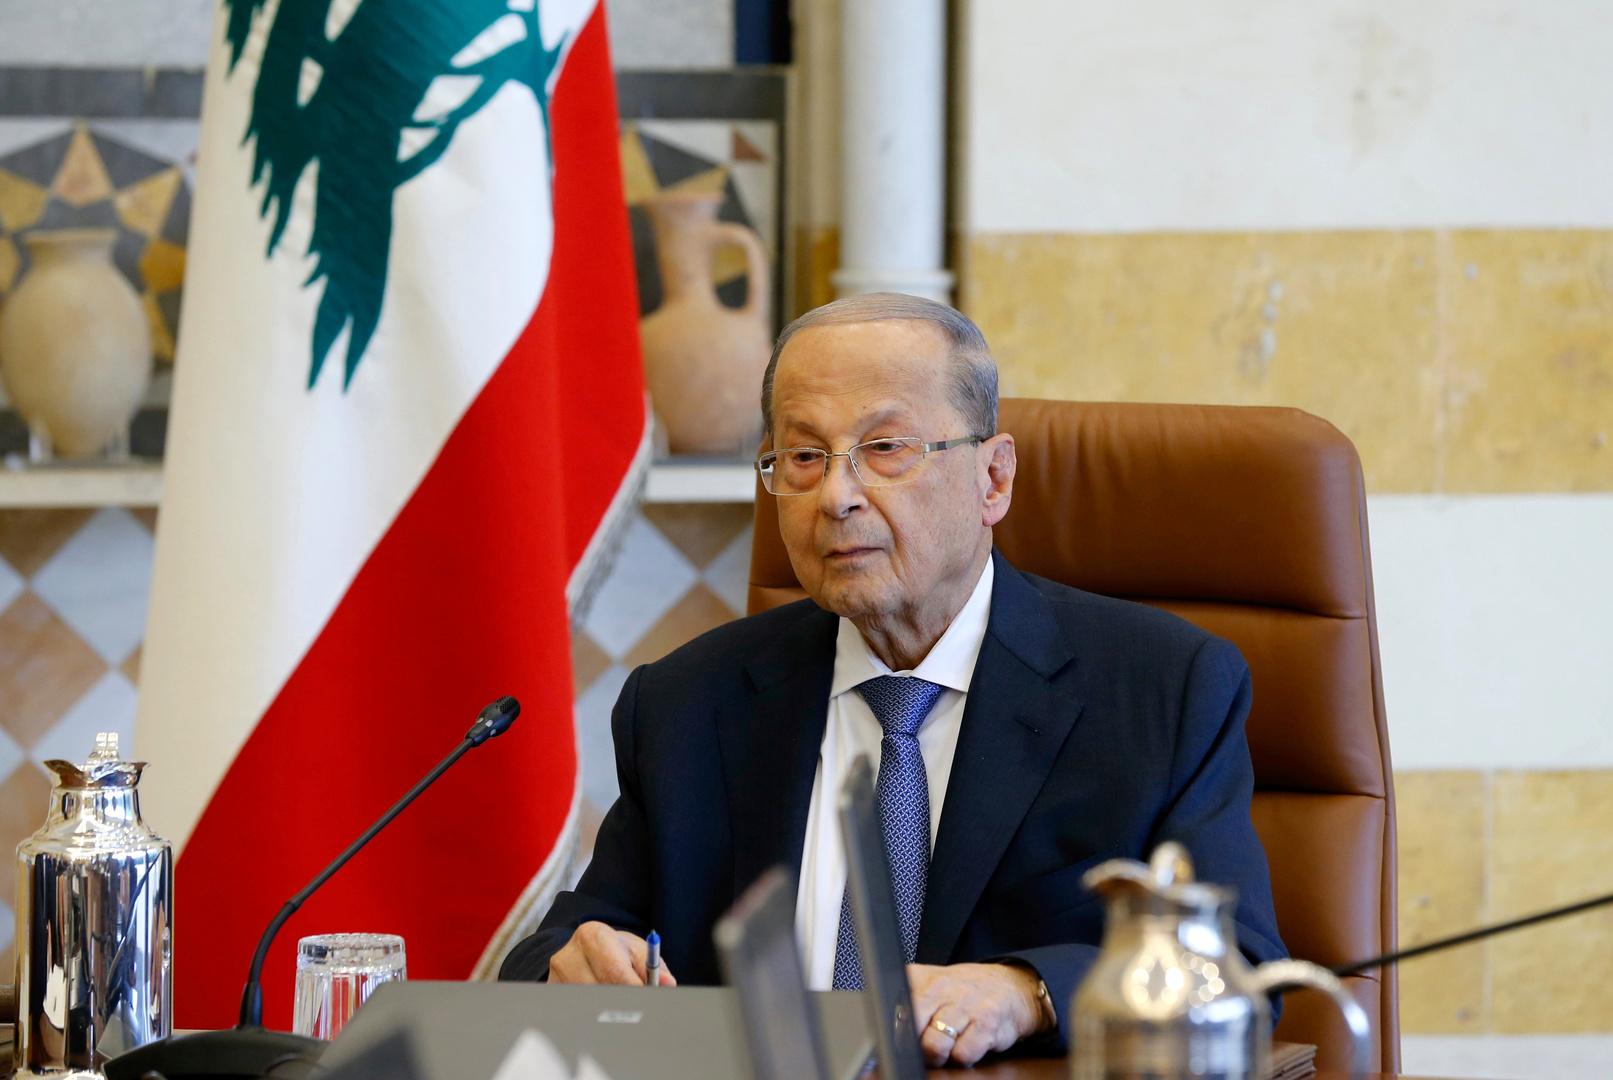 الرئيس اللبناني: إحالة 17 ملفا متعلقا بالفساد على التحقيق